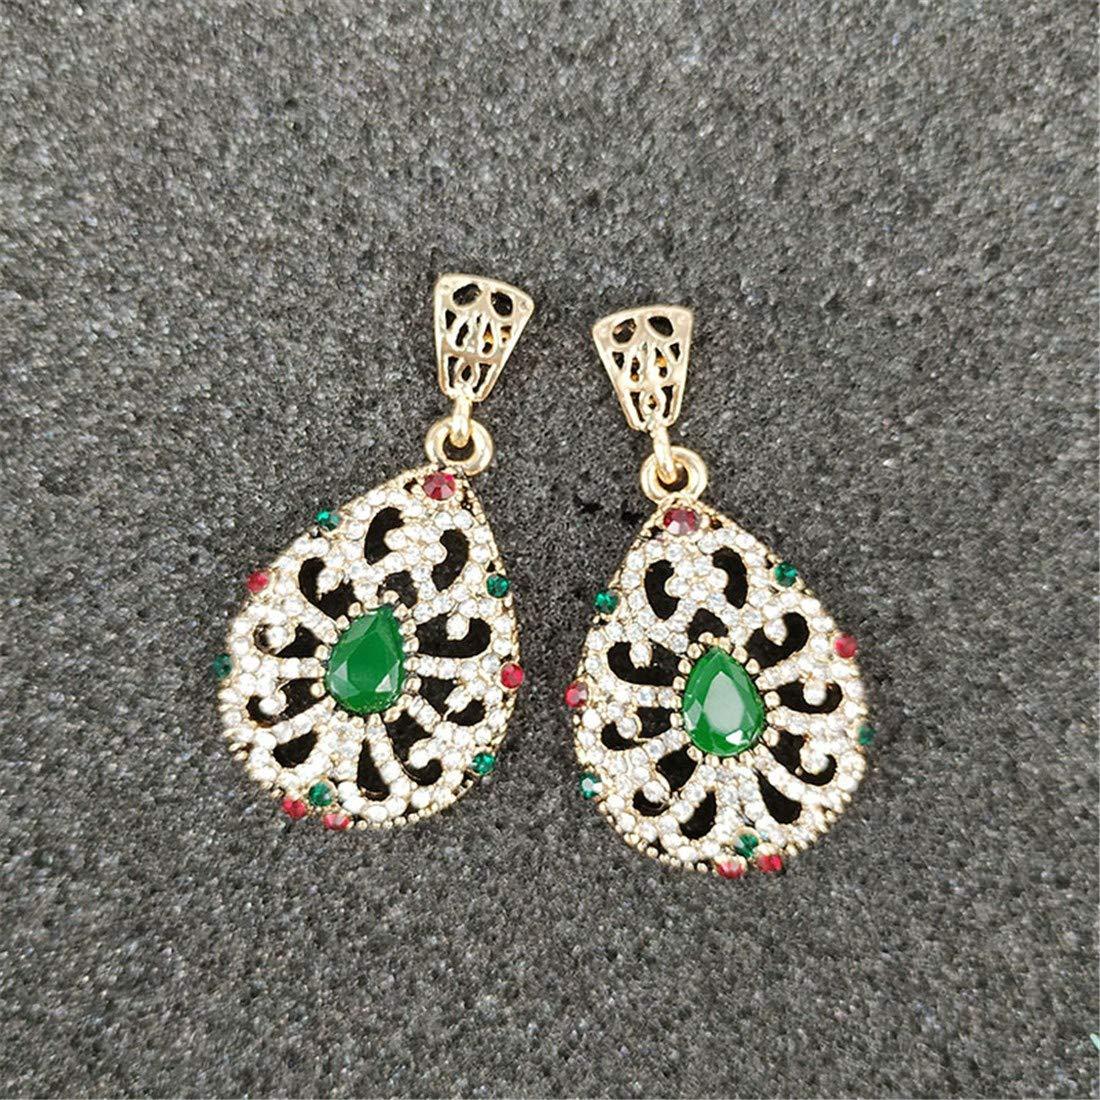 ball earrings|clip on earrings|ear cuffs|dangle earrings|earring jackets|hoop earrings|stud earrings|Fine fashion earrings for Earrings